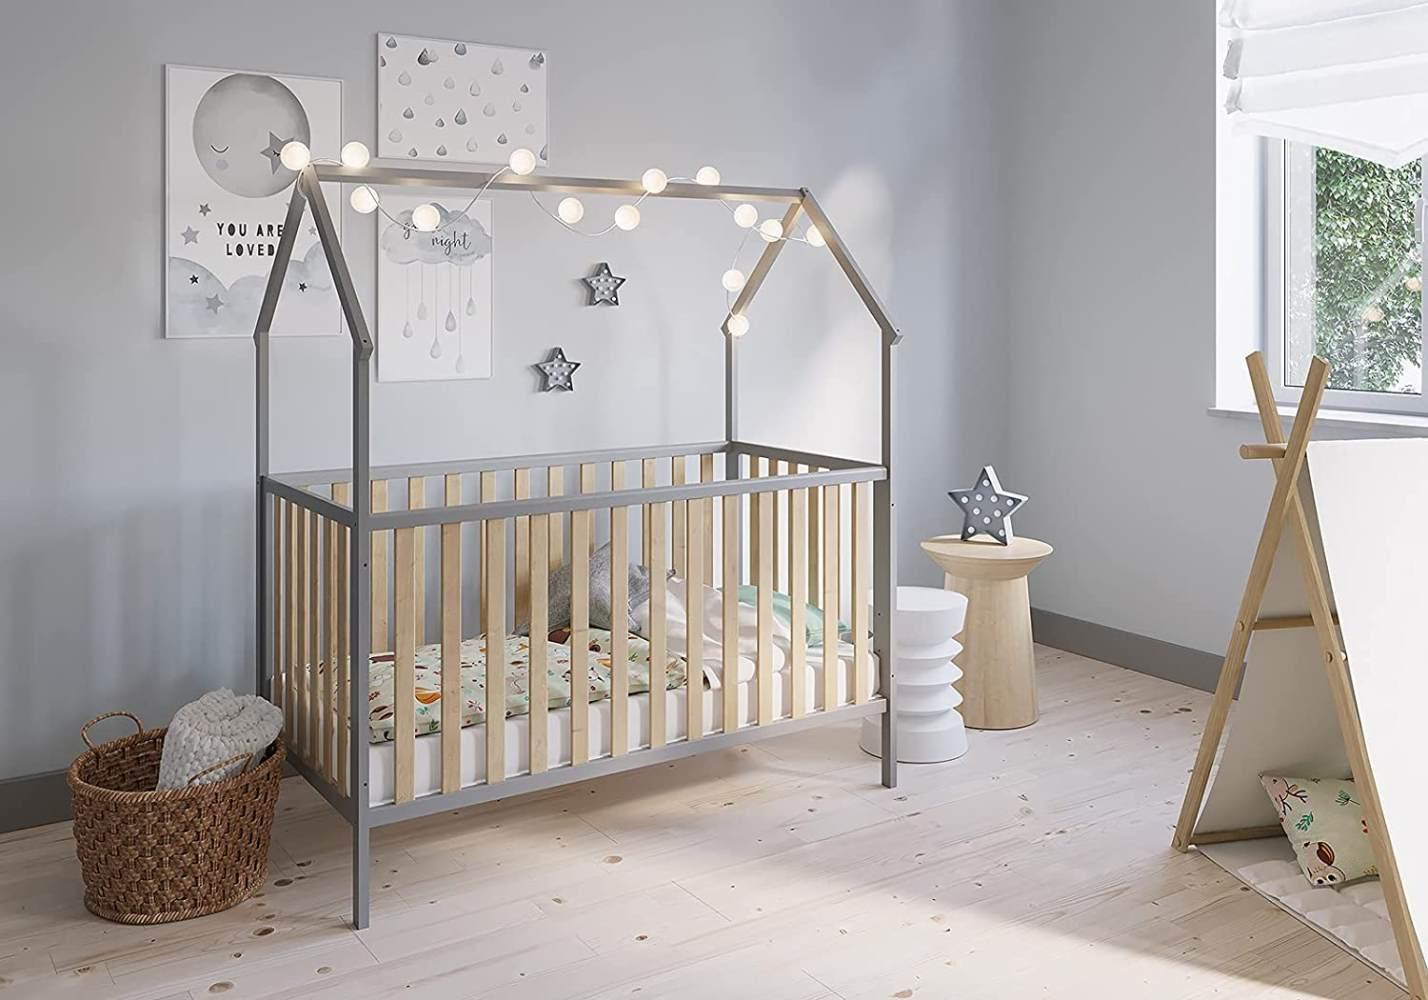 FabiMax 'Schlafmütze' Kinderbett, 70 x 140 cm, grau/natur, mit Matratze Comfort, Kiefer massiv, 3-fach höhenverstellbar, umbaubar Bild 1